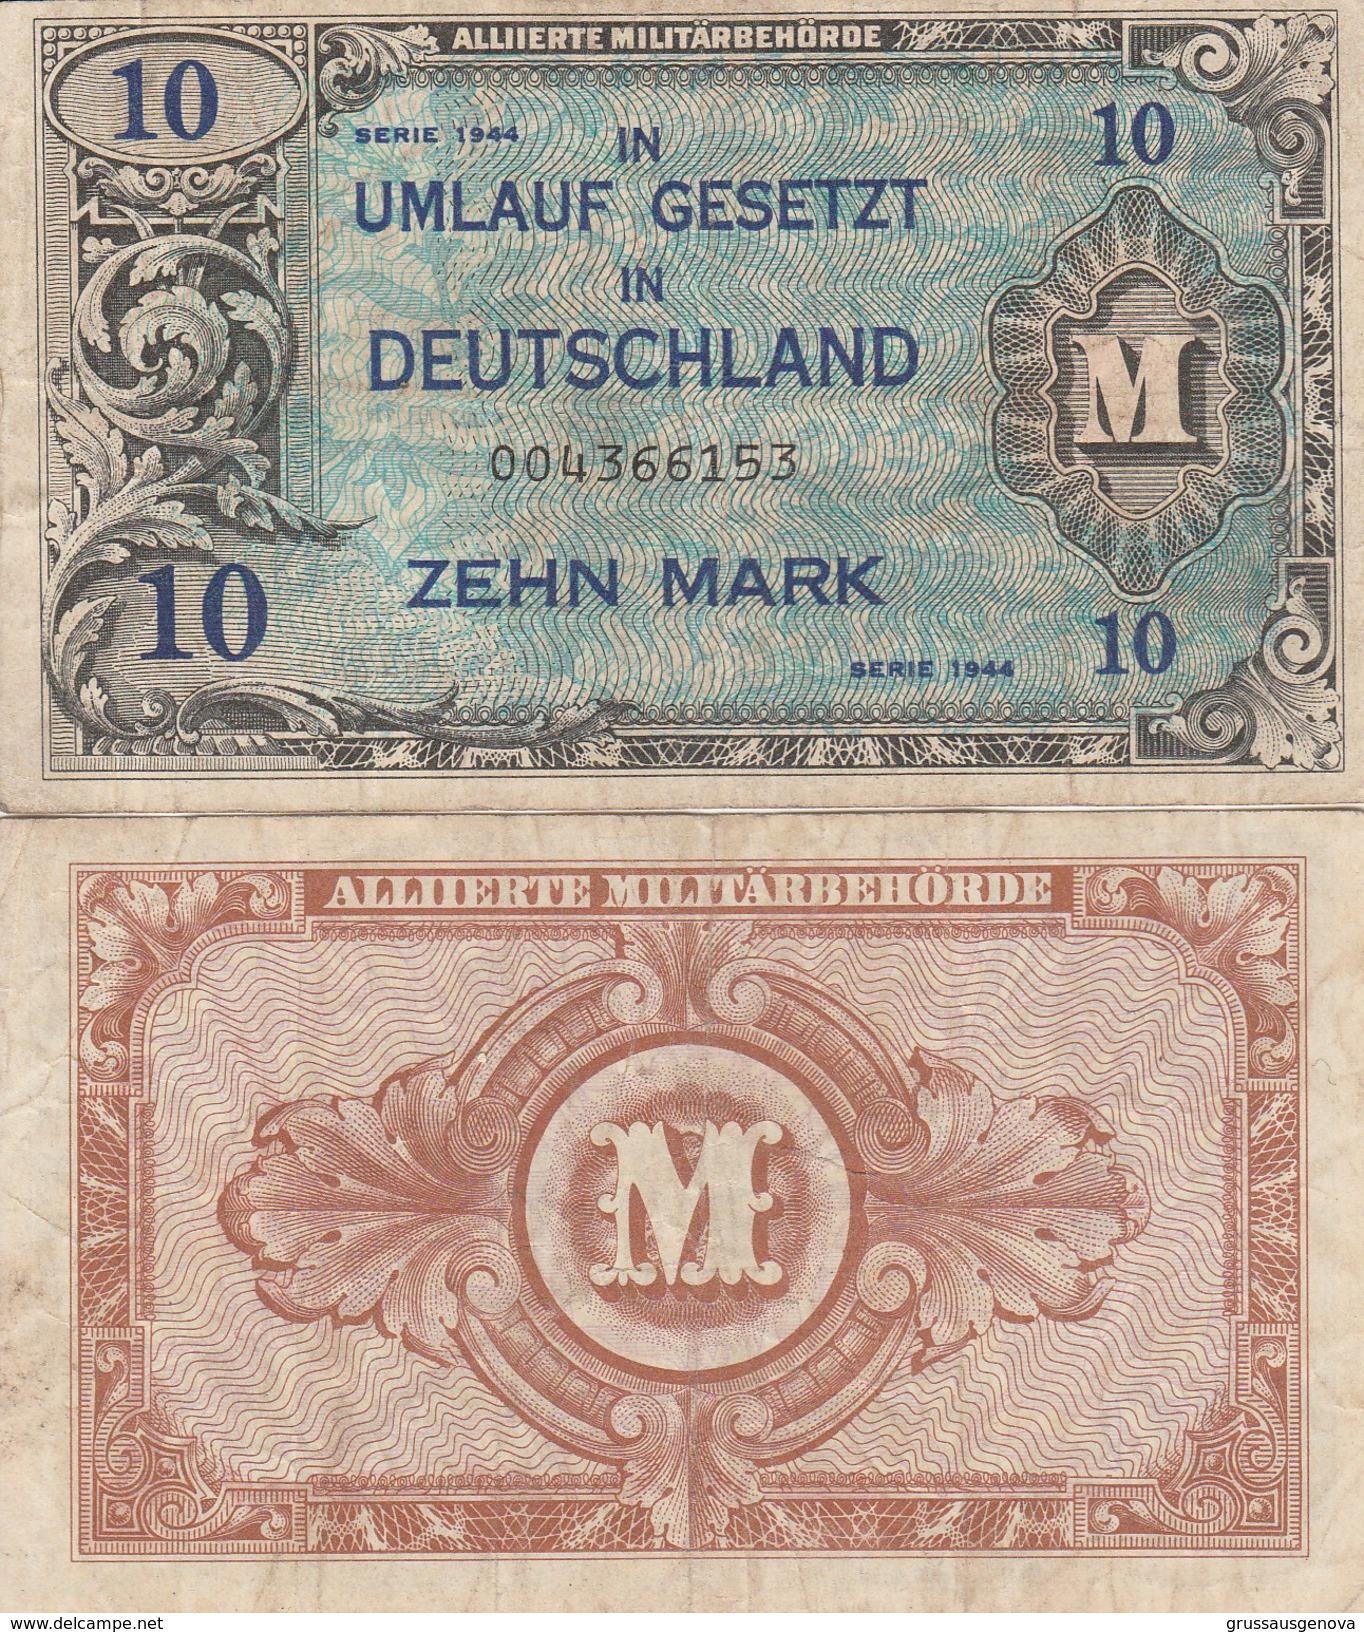 8065) 10 ZEHN MARK GERMANIA OCCUPAZIONE ALLEATA DEUTSCHLAND UMLAUF GESETZT OCCUPATION DES ALLIES EN ALLEMAGNE - 10 Mark